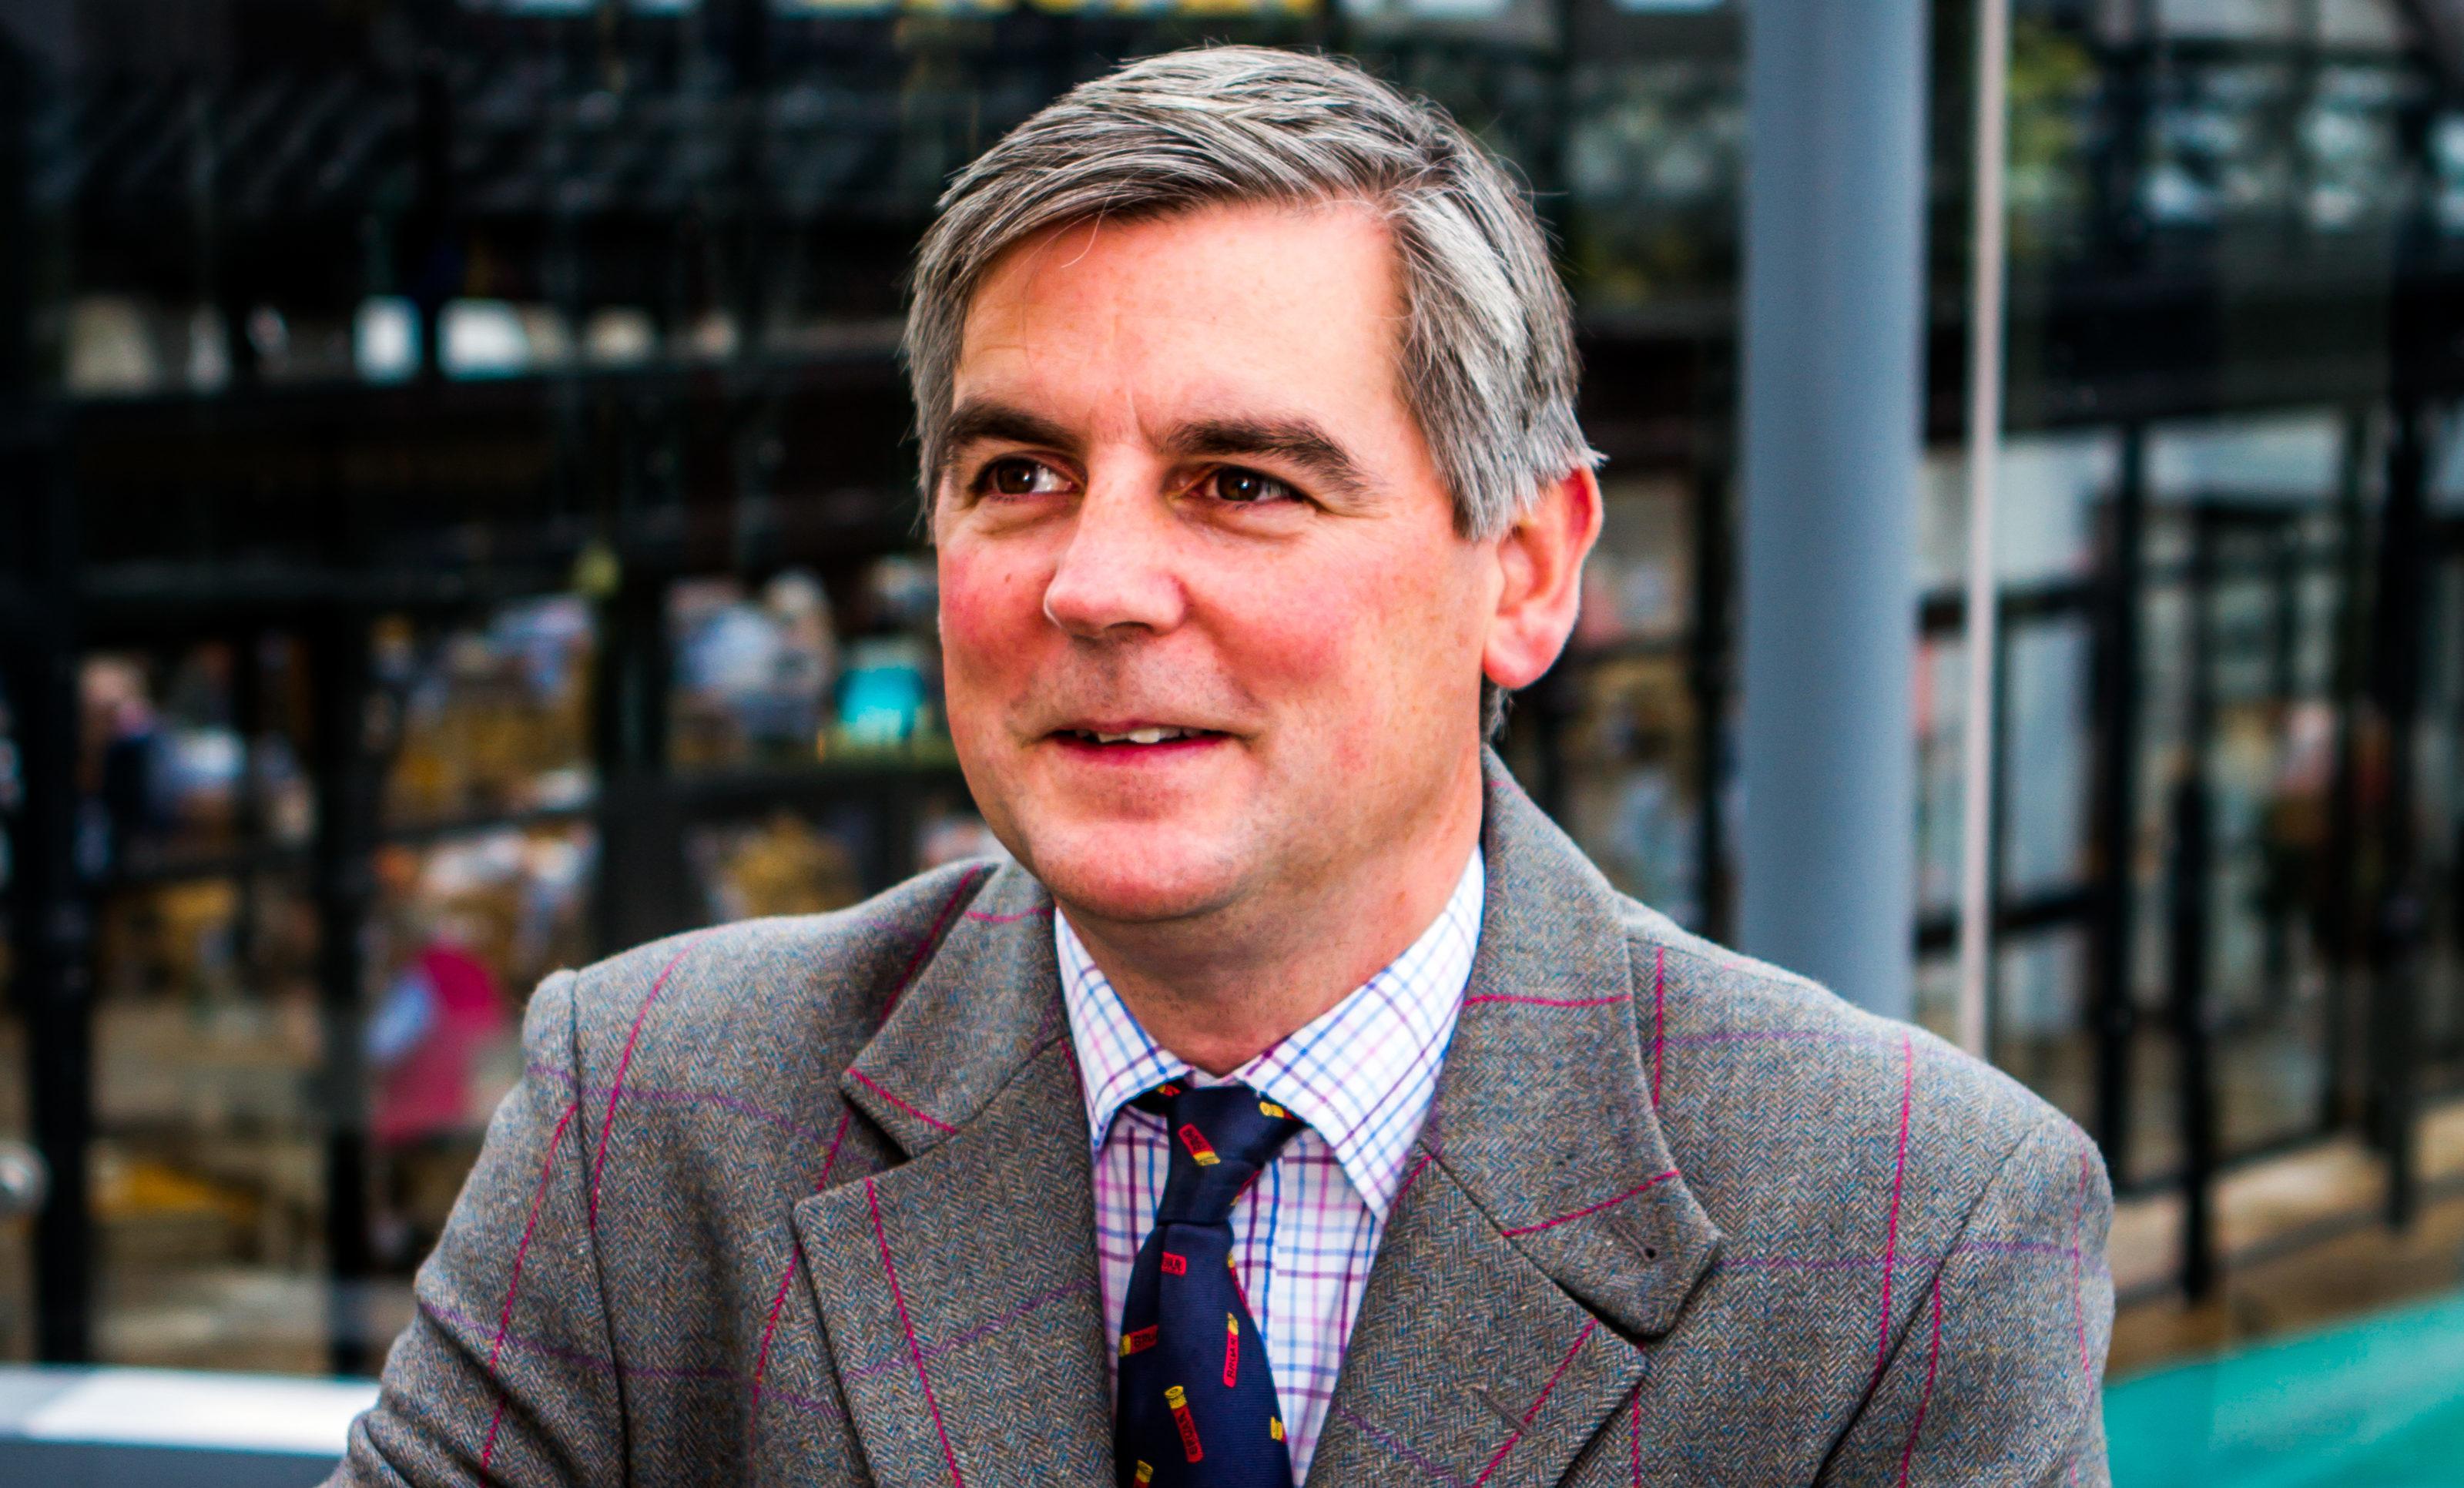 House of Bruar managing director Patrick Birkbeck.